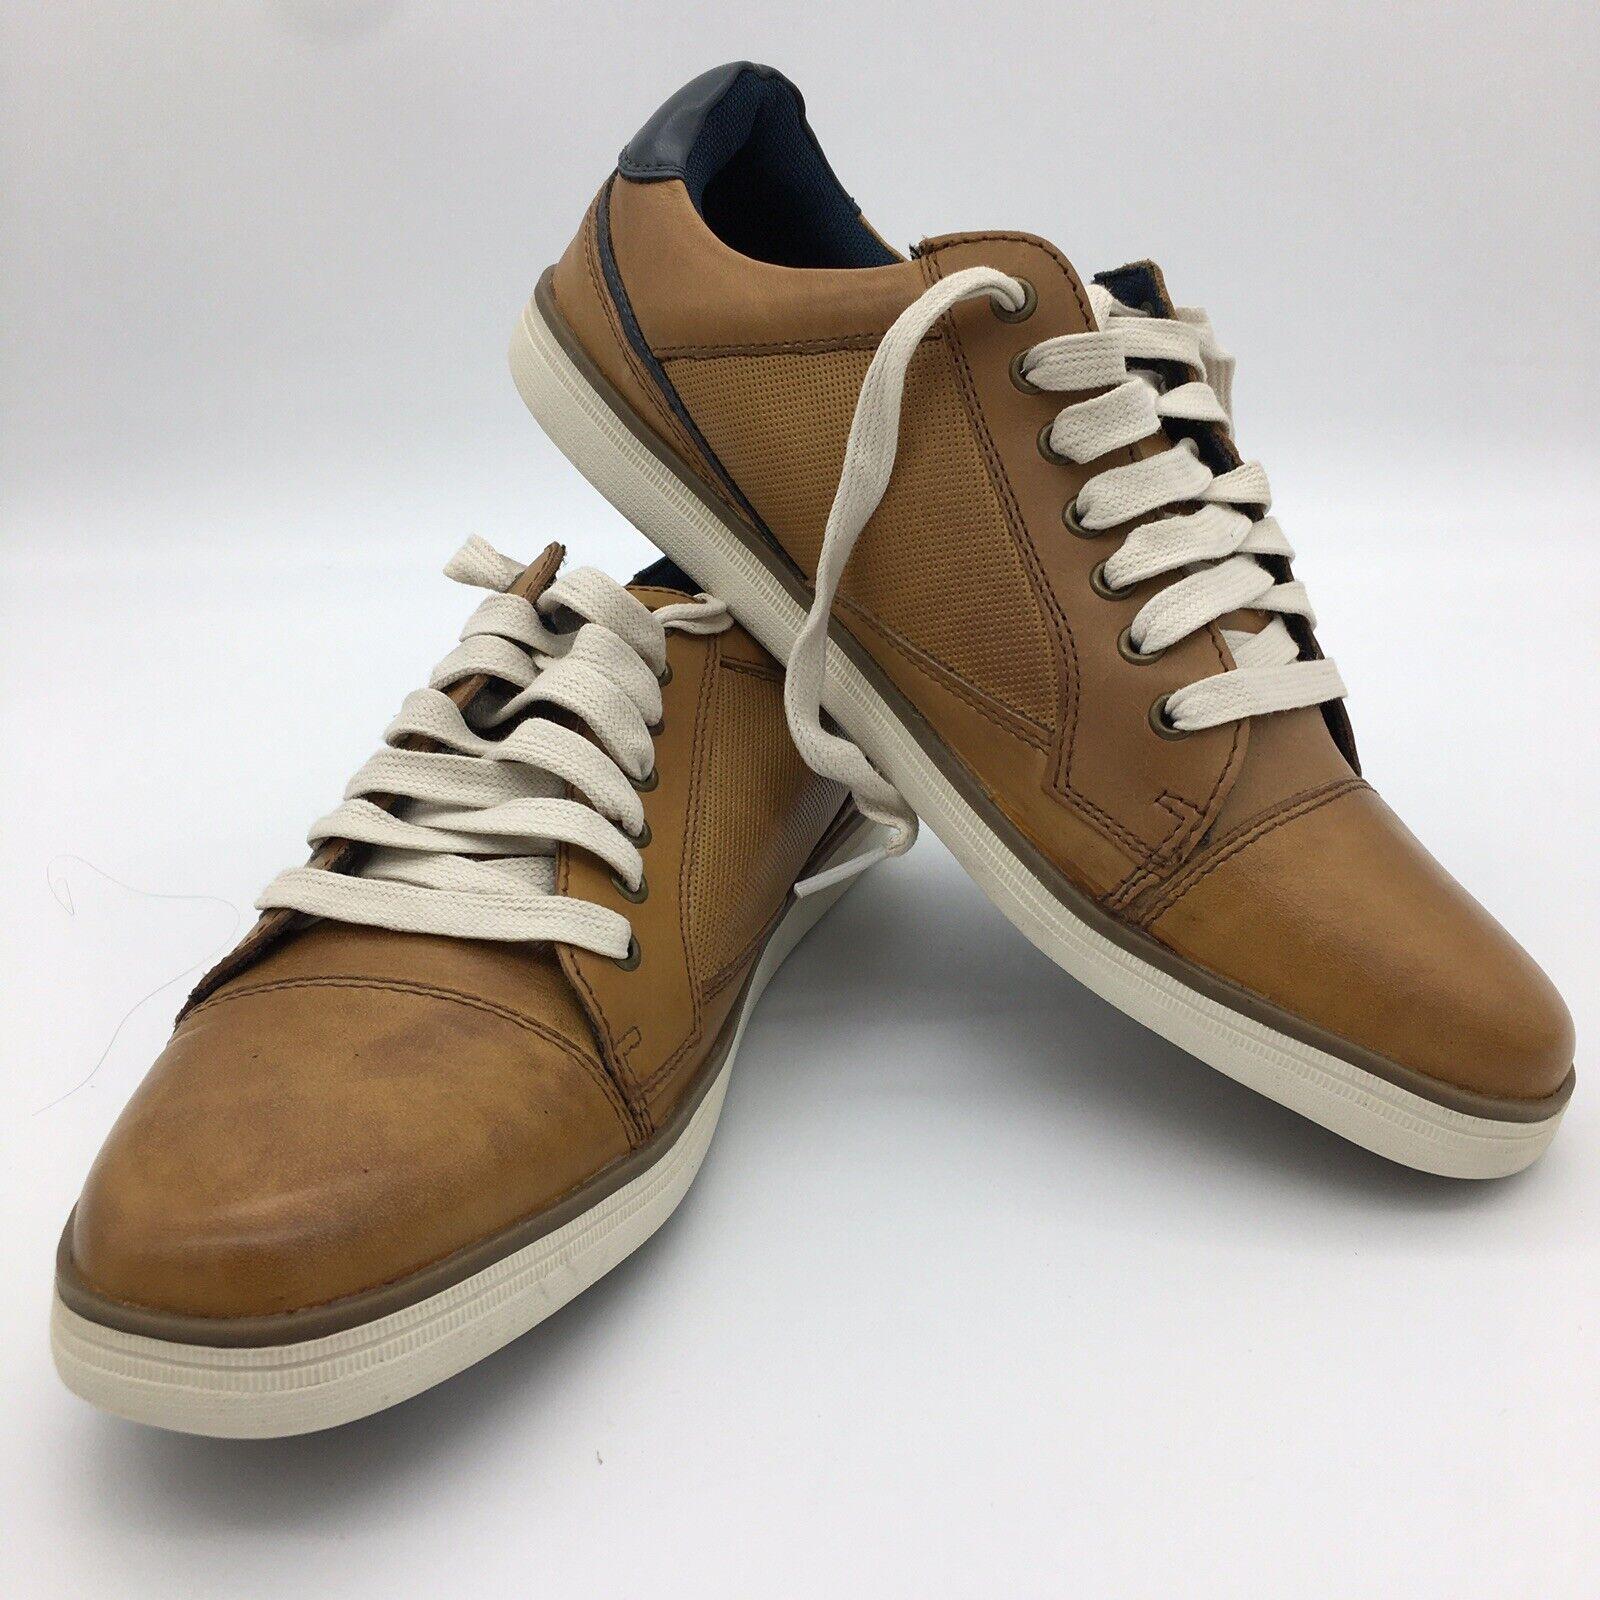 Joseph Abboud Cap Toe Brown Leather Lace Up Sneaker Shoes Mens Size 9.5D